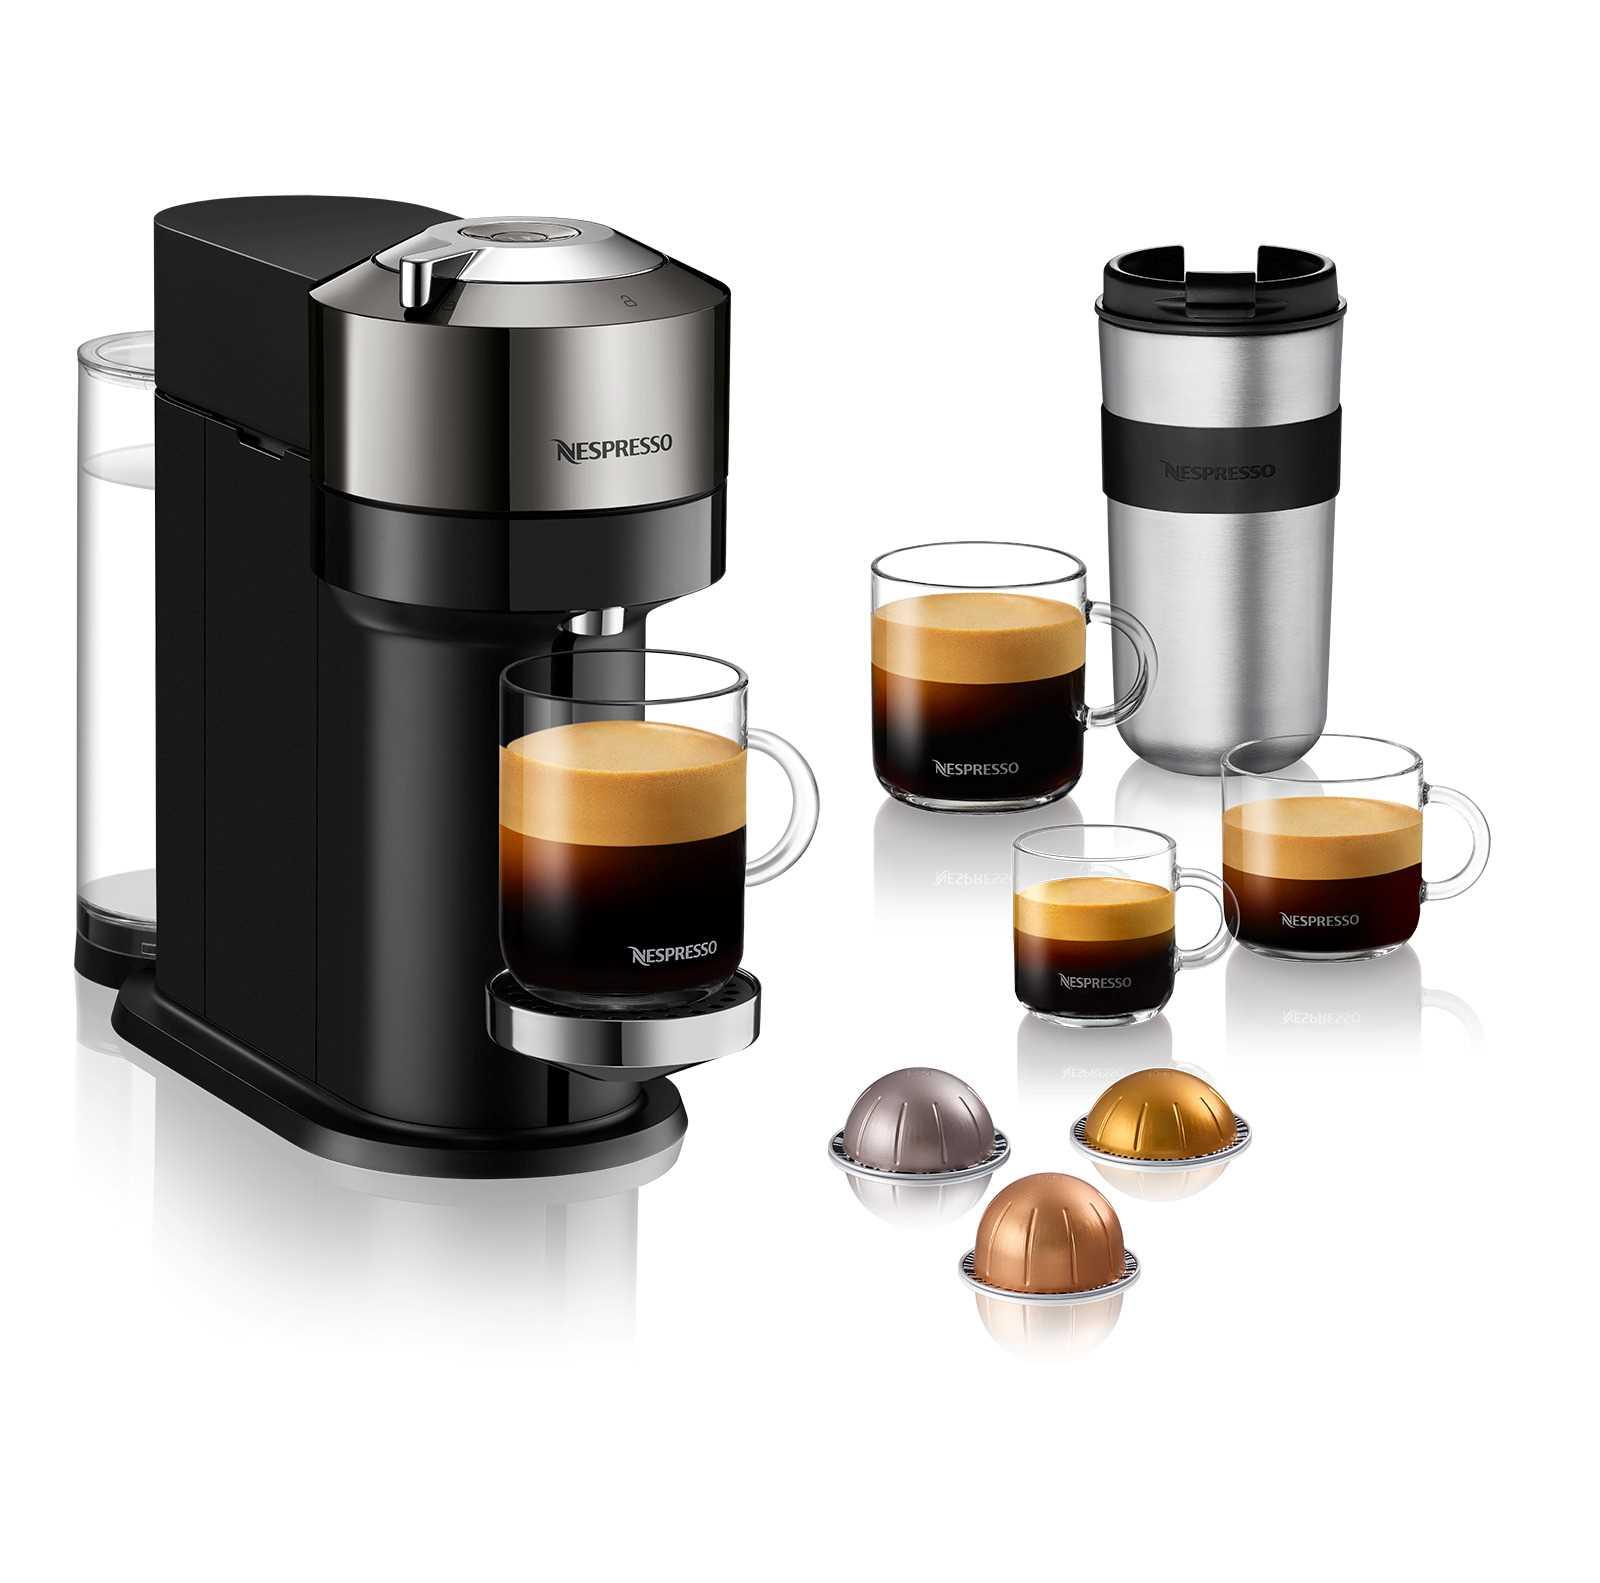 מכונת קפה NESPRESSO VertuoNext GCV1 כרום נספרסו - תמונה 1